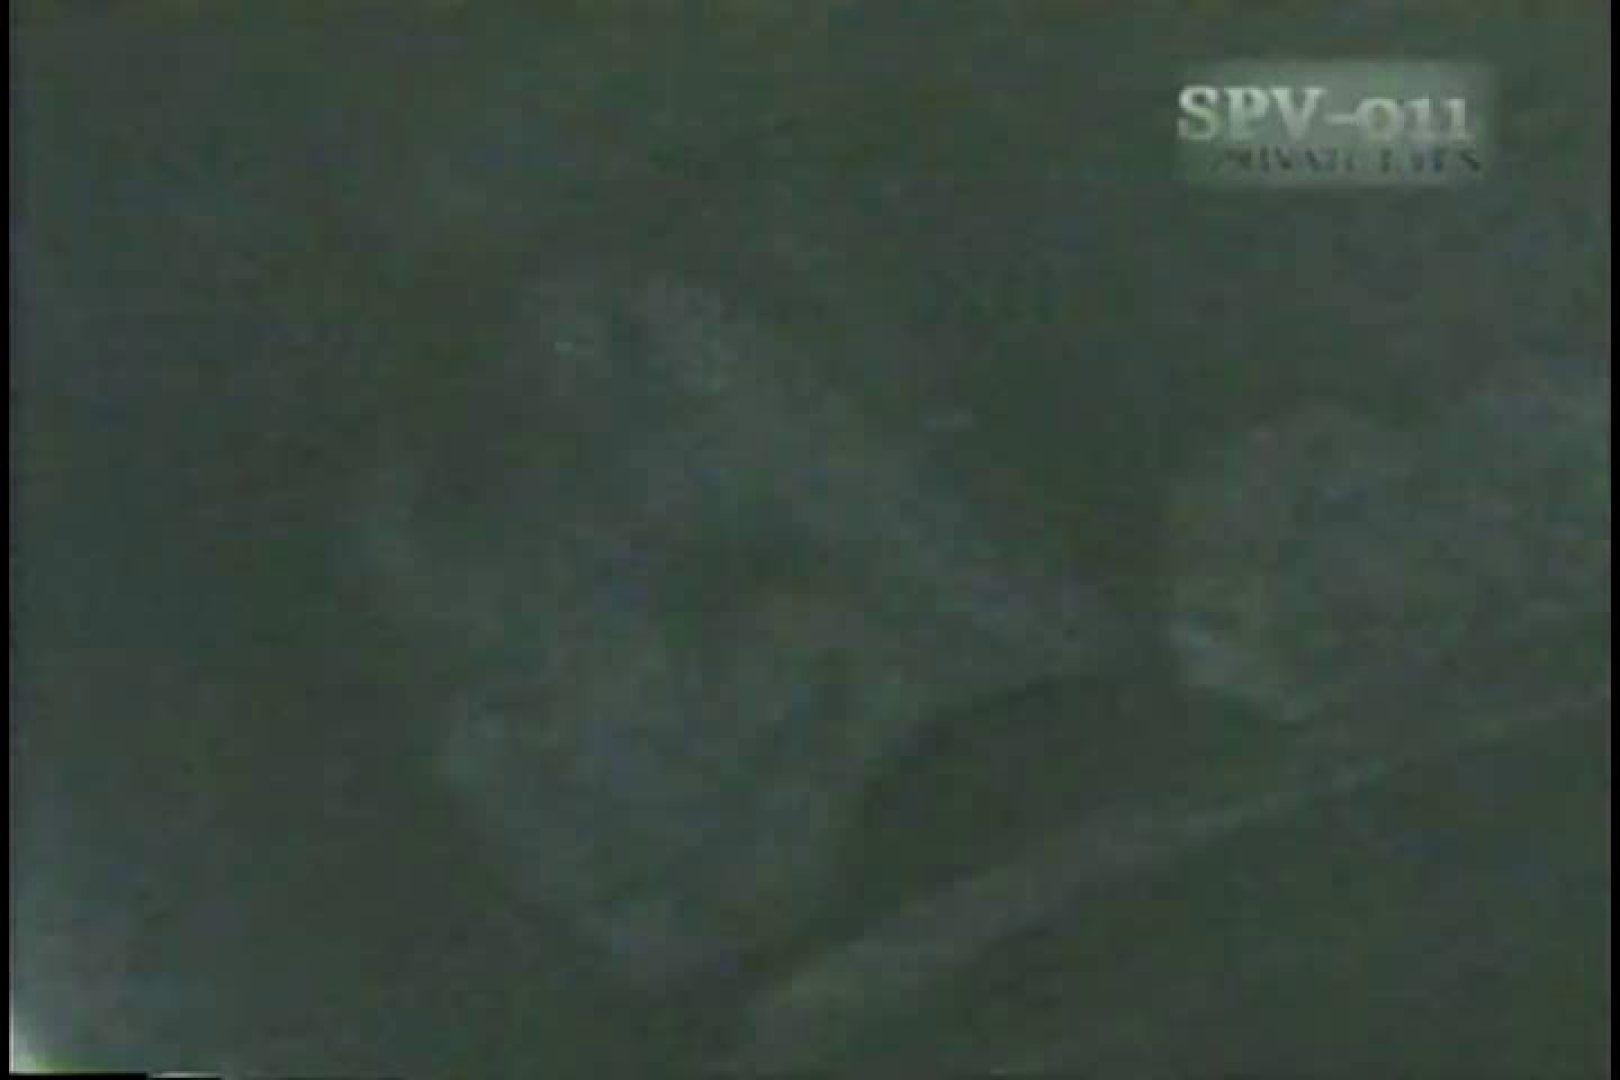 高画質版!SPD-011 盗撮 カーセックス黙示録 (VHS) 盗撮   名作  63pic 28